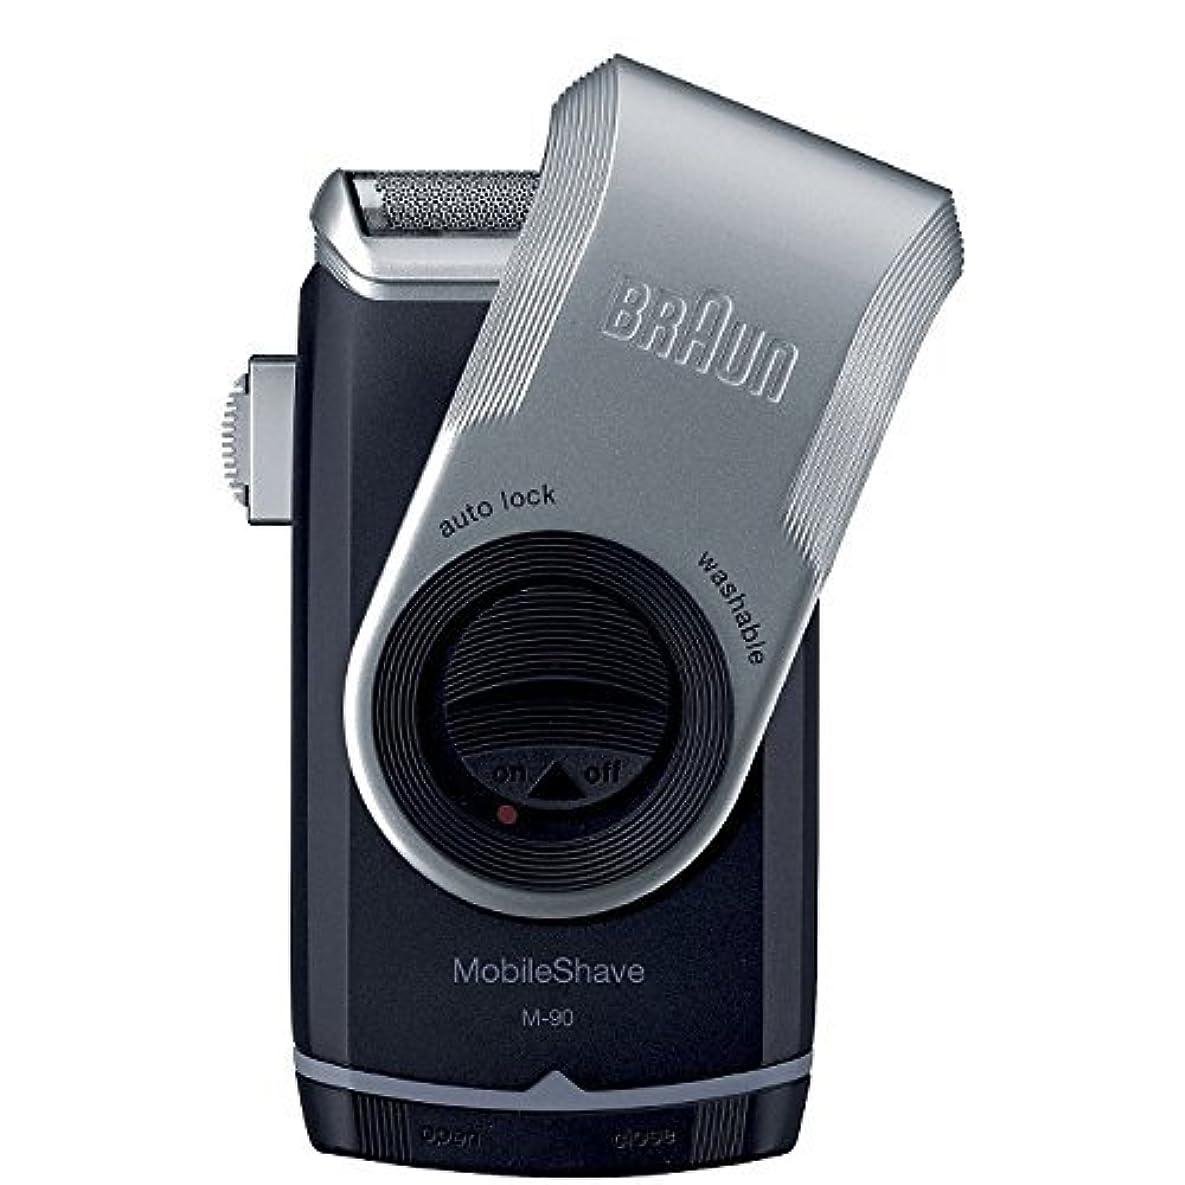 似ている花言い聞かせるBraun M90 Pocketgo Mobileshave スマートホイルでポータブルシェーバー [並行輸入品]